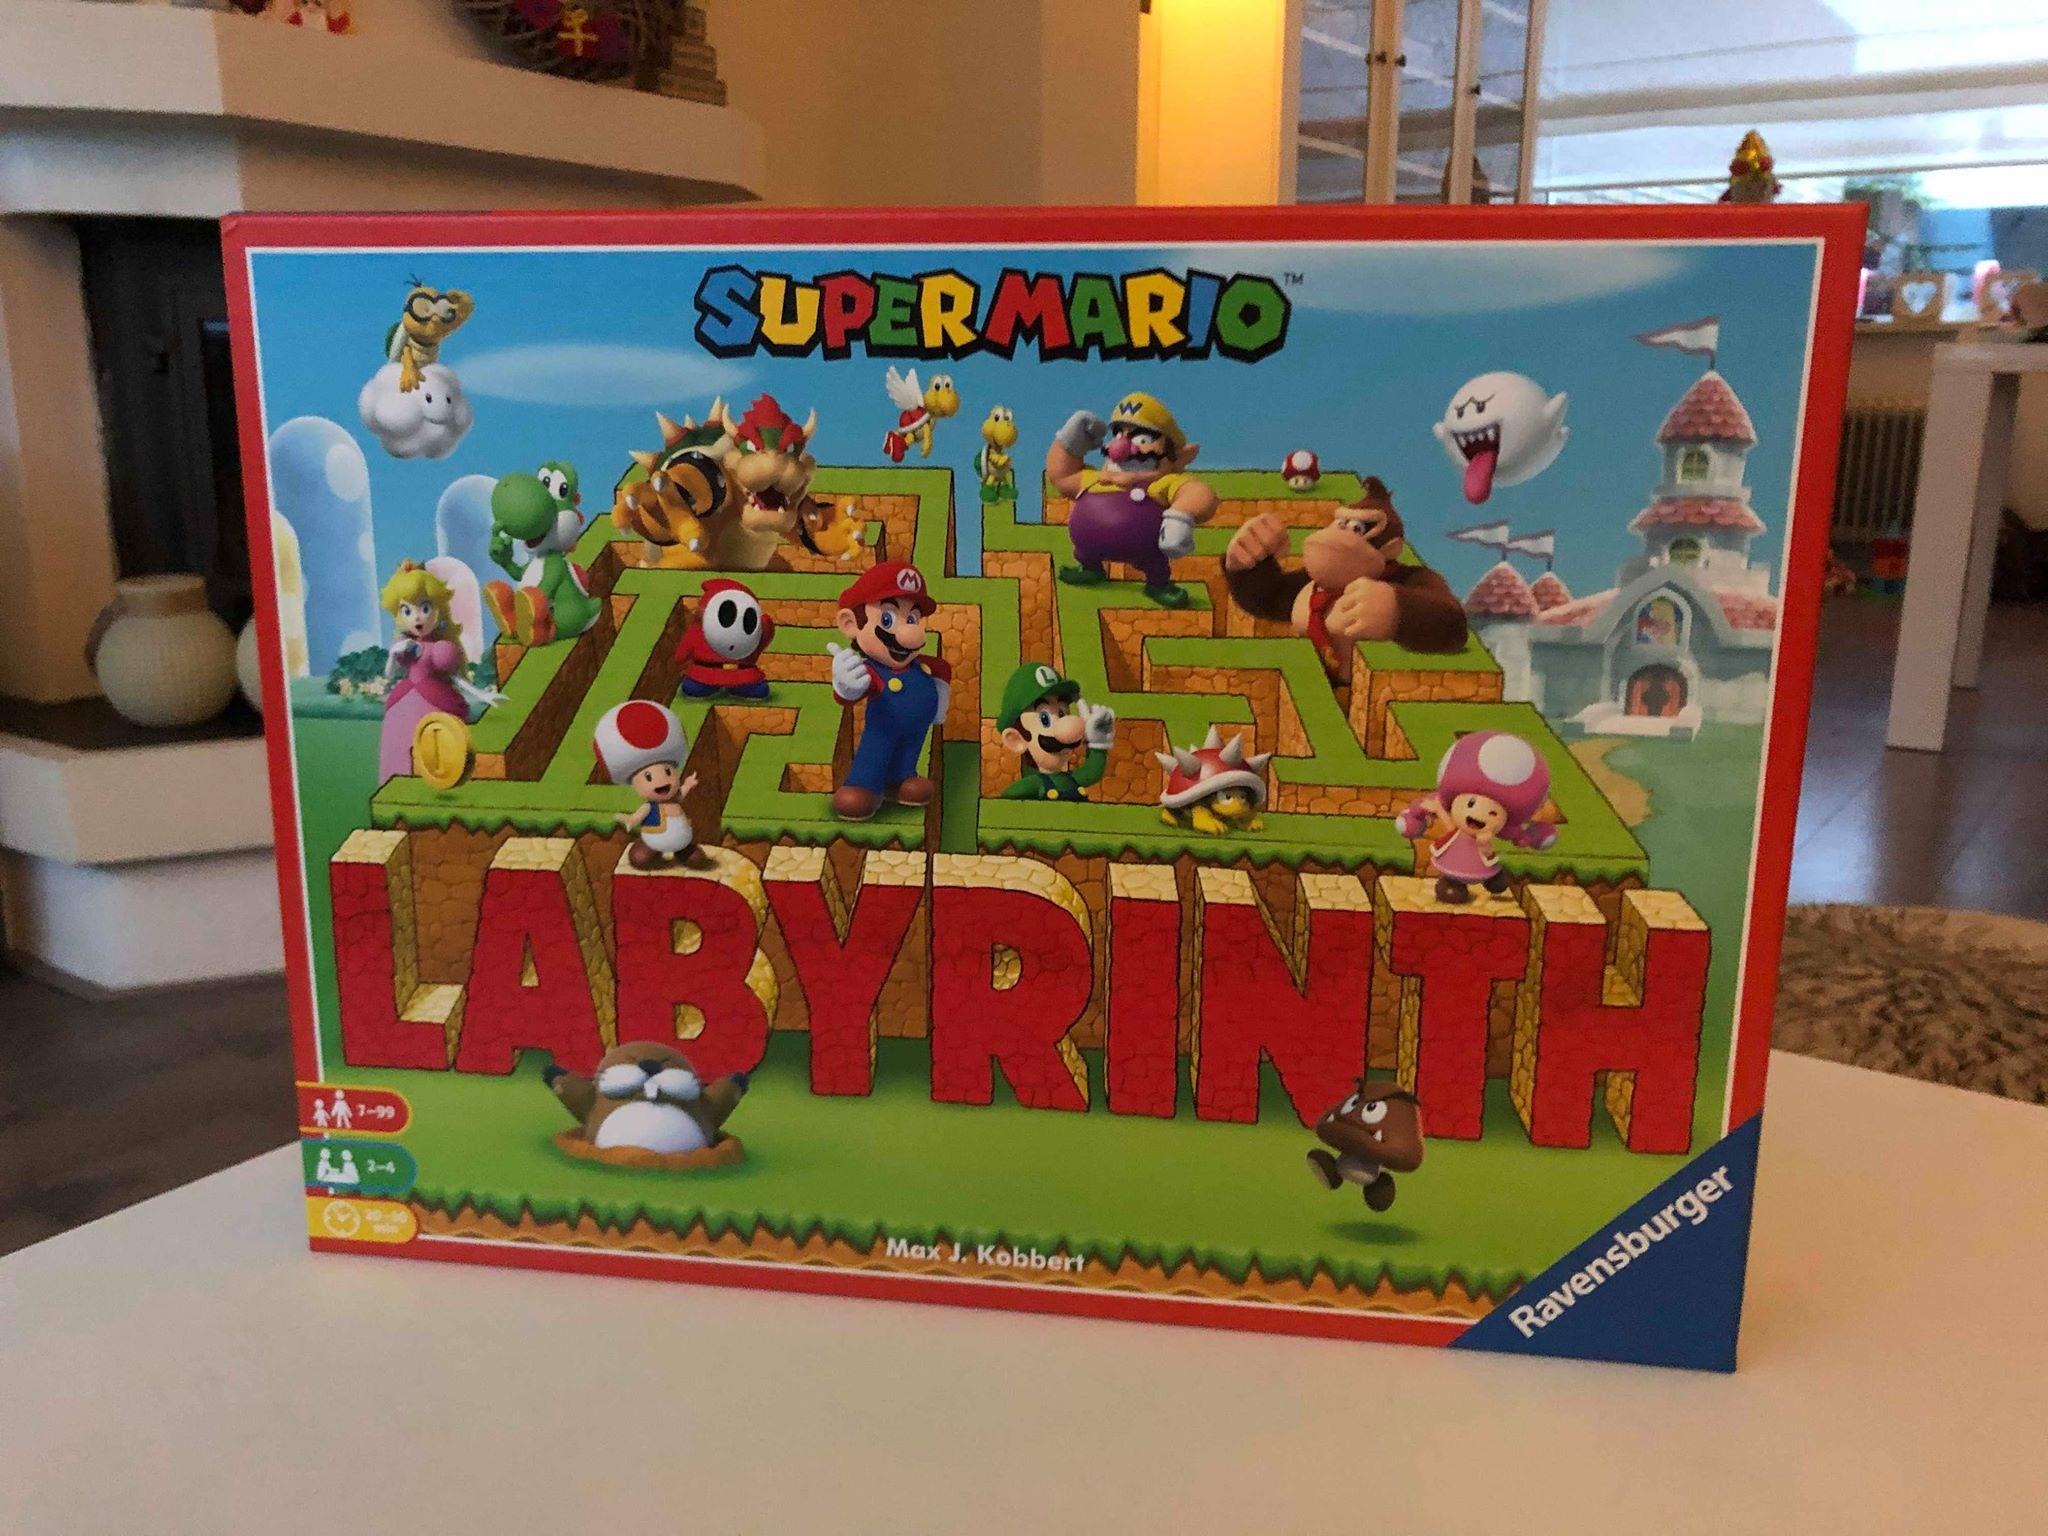 Spel Super Mario Labyrinth doos op tafel.